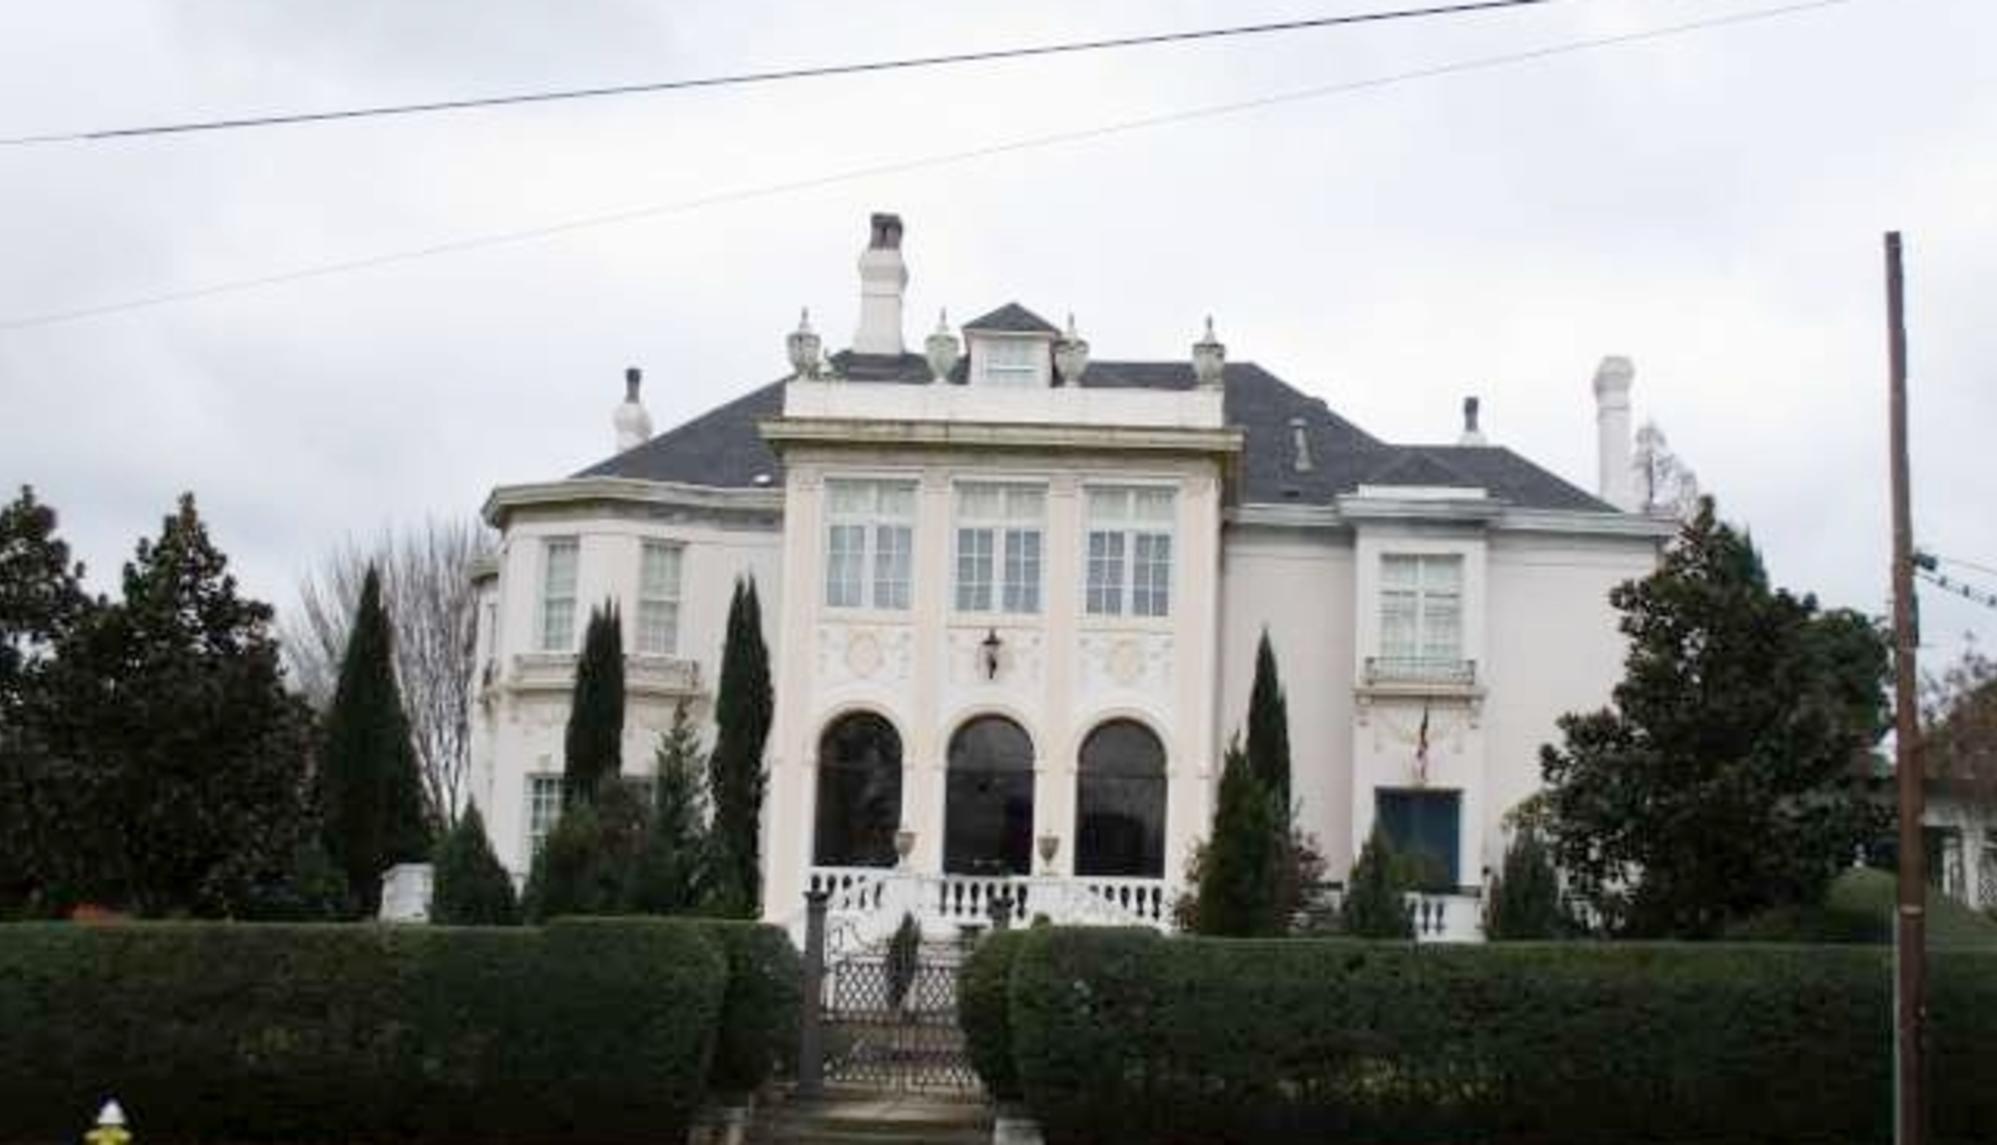 WalkerShinholser-Rushin House